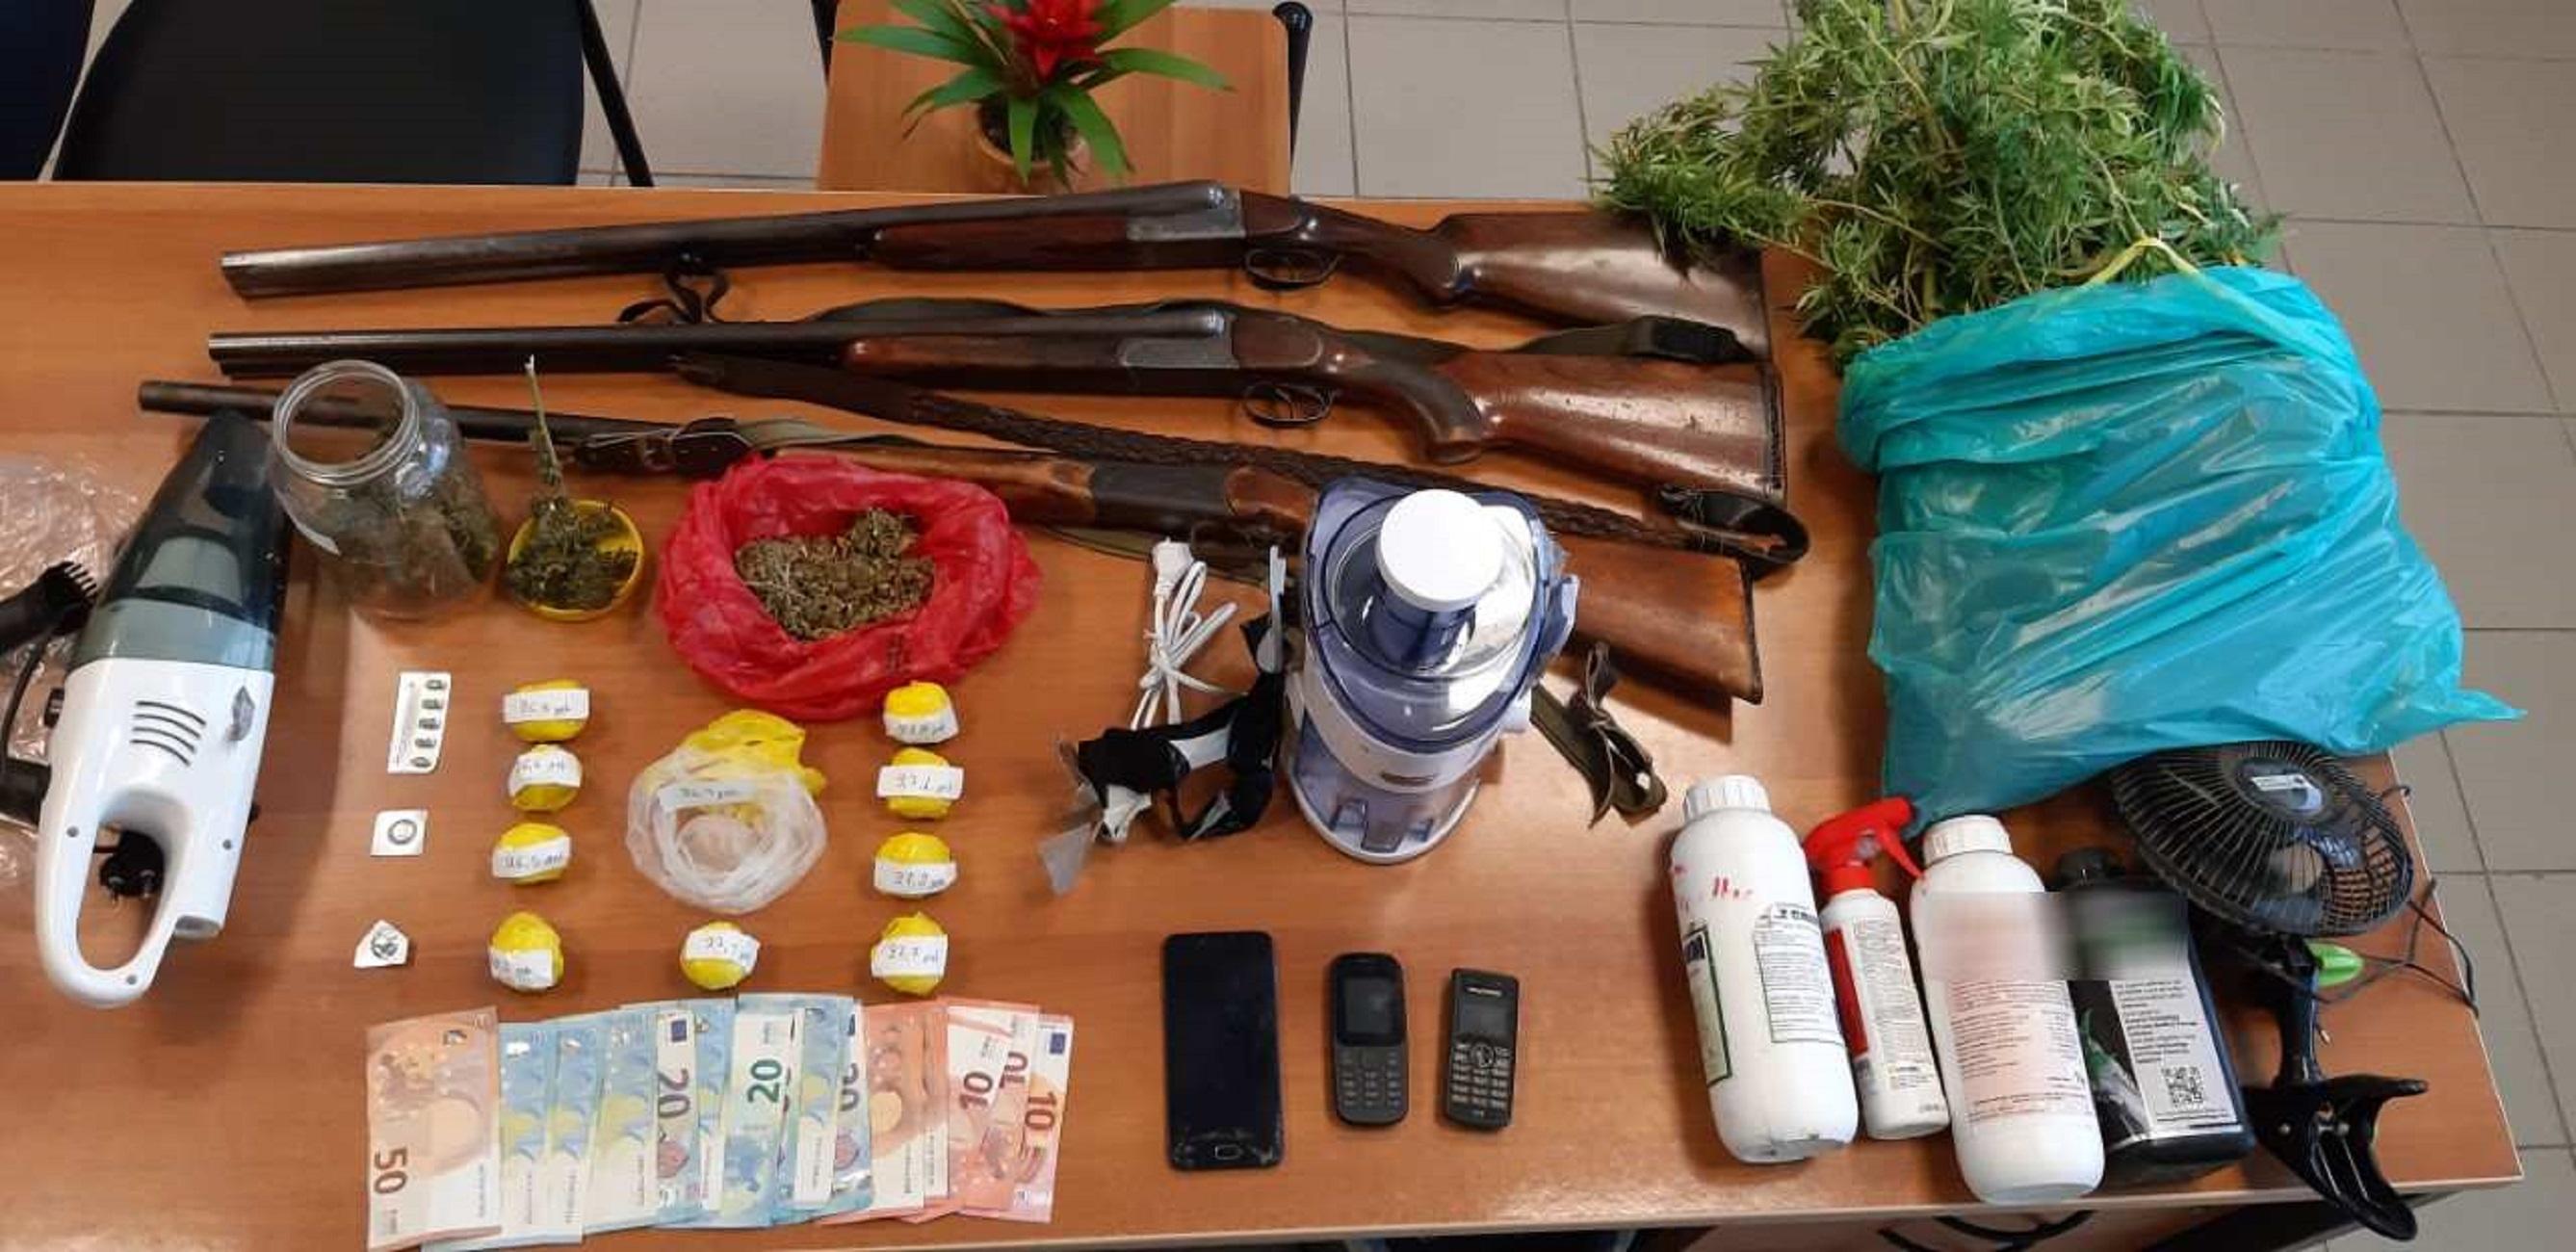 Συλλήψεις για ναρκωτικά και όπλα σε Ηράκλειο και Ρέθυμνο